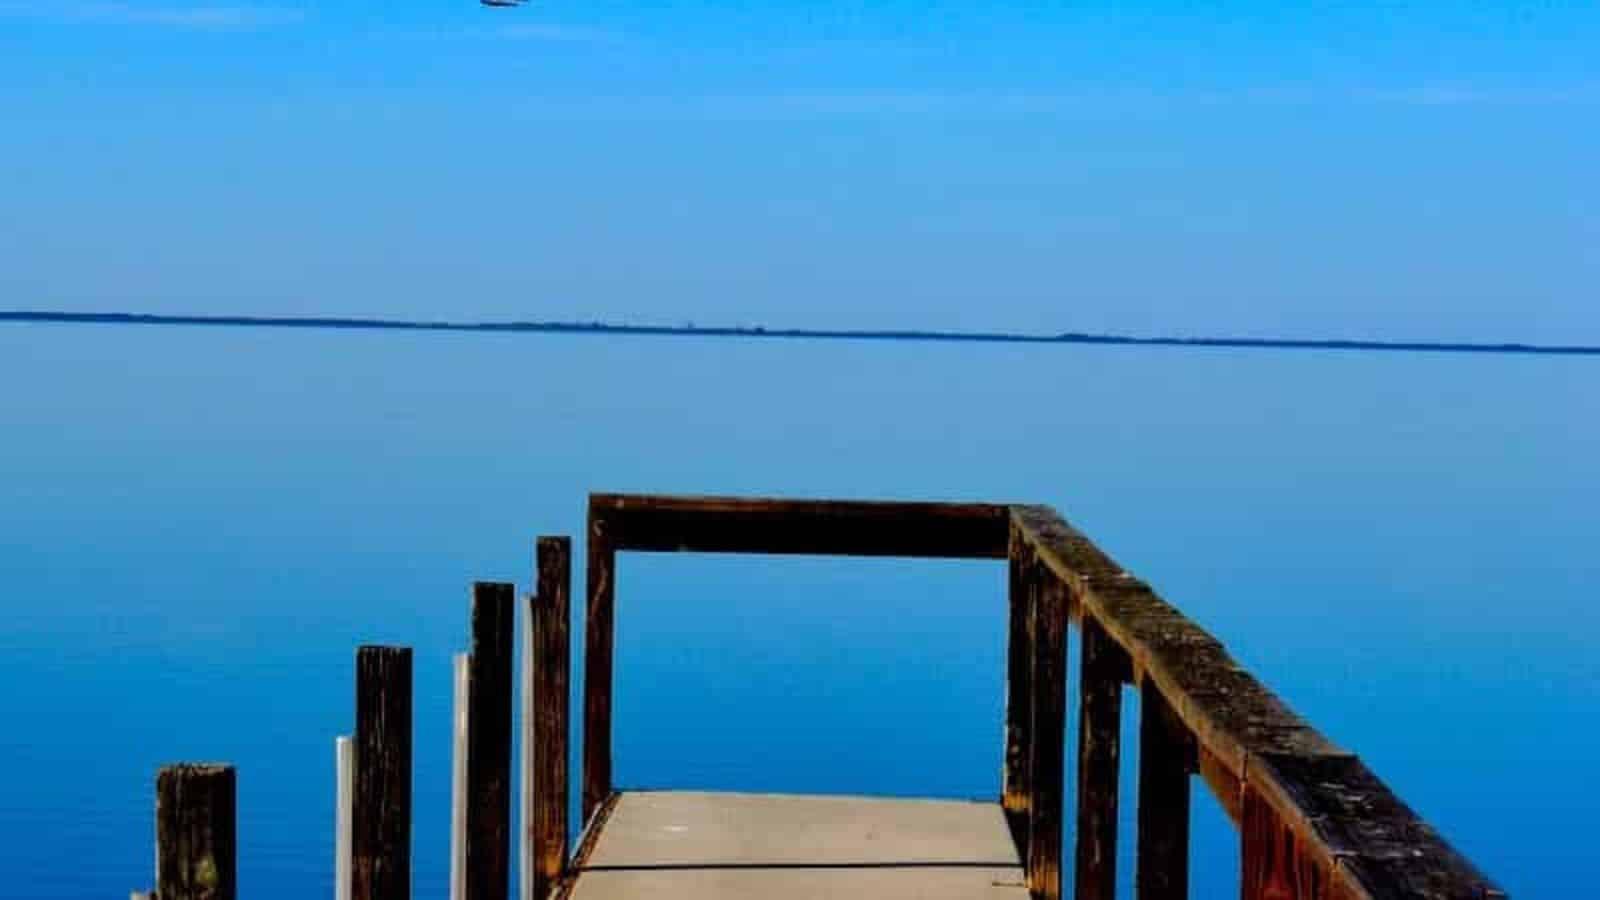 Water view from boardwalk